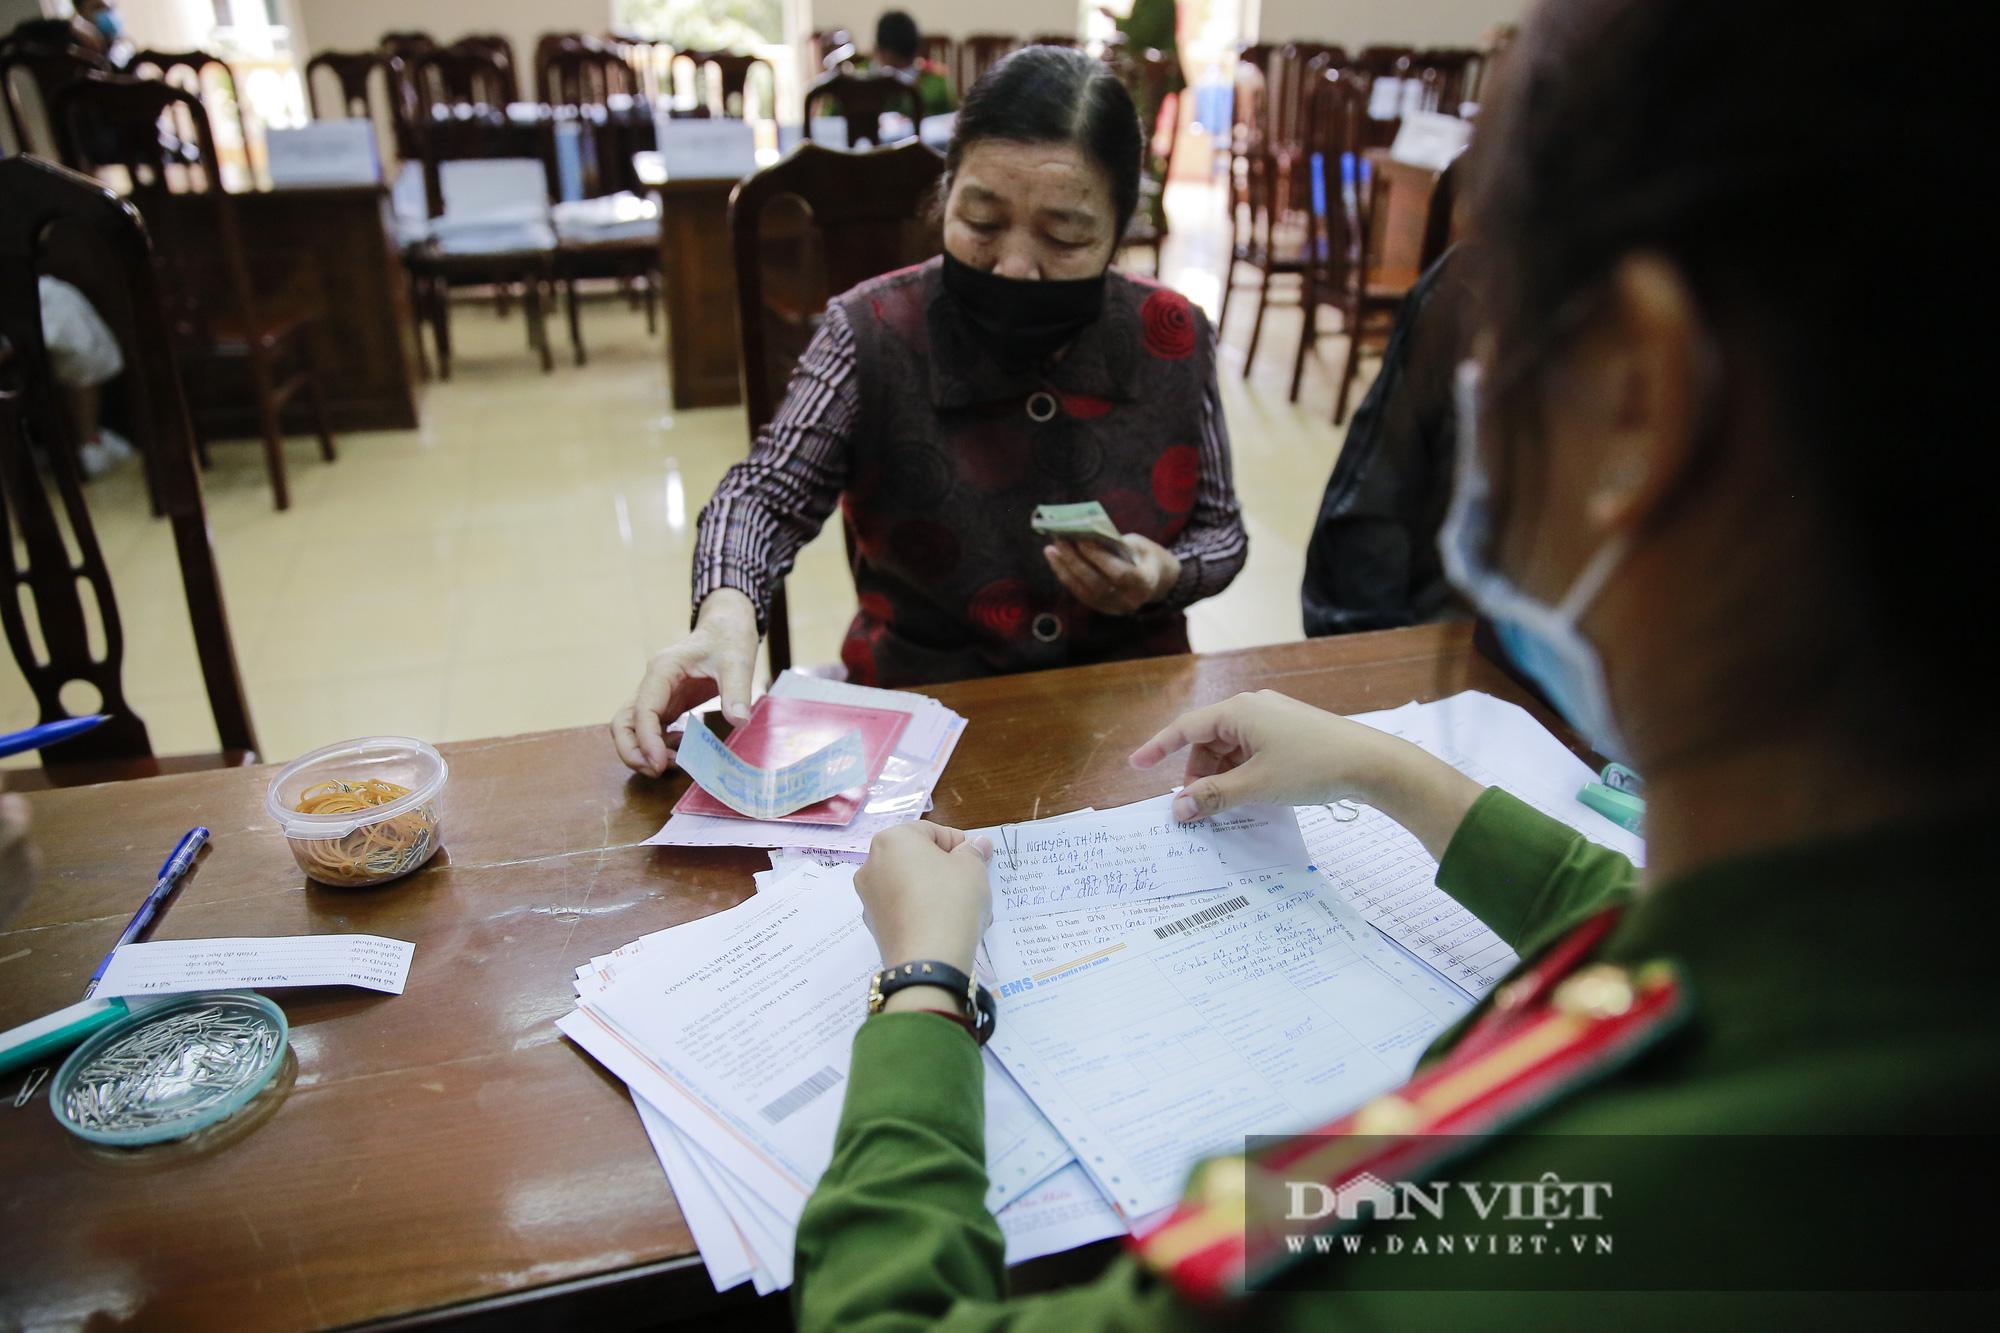 Mục sở thị quá trình cấp thẻ căn cước công dân gắn chíp lưu động tại Hà Nội - Ảnh 9.